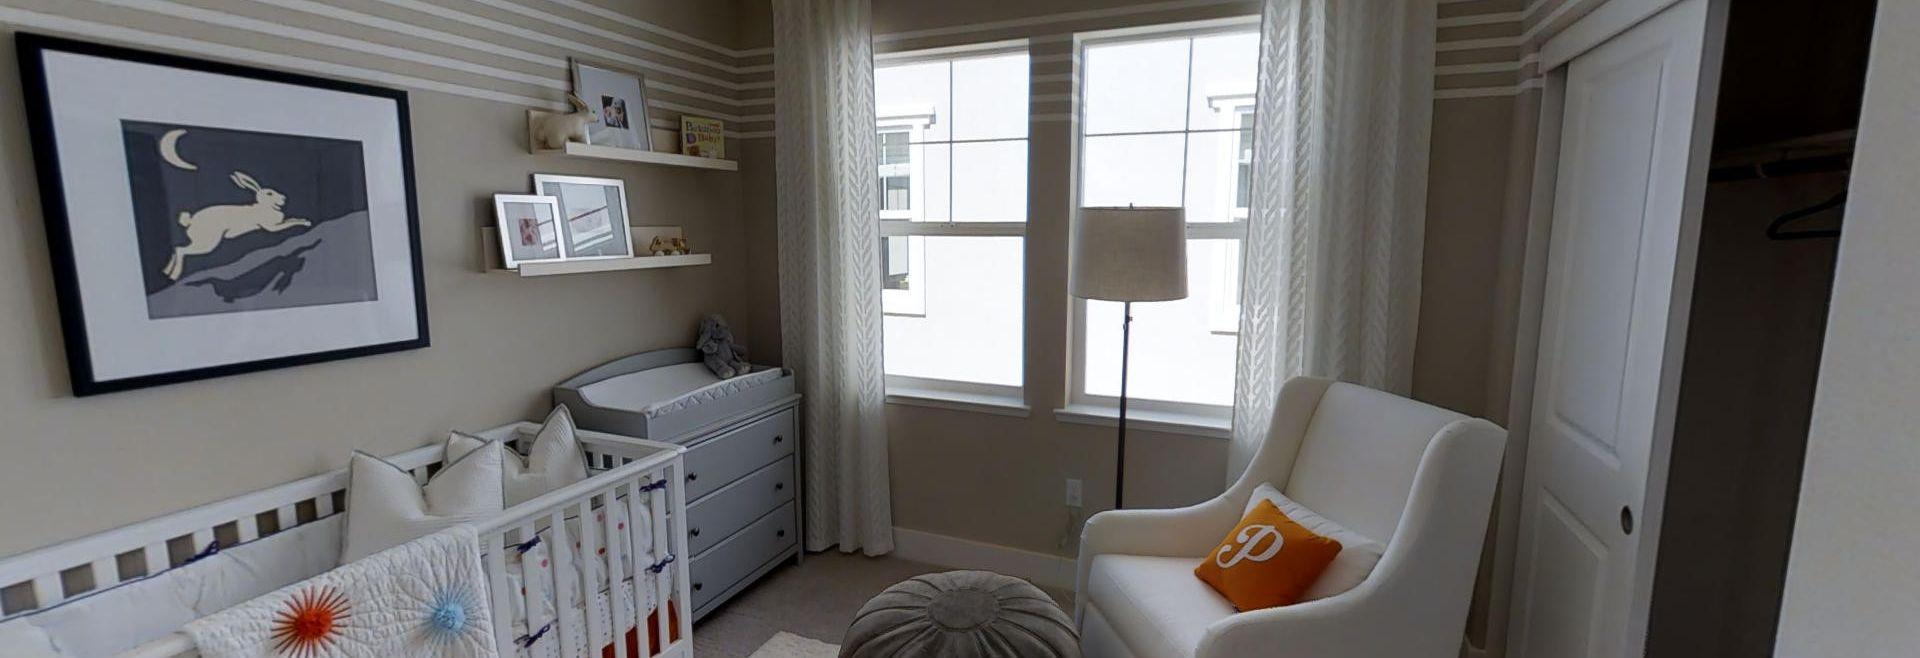 Ashford Plan 1 Kid's Room